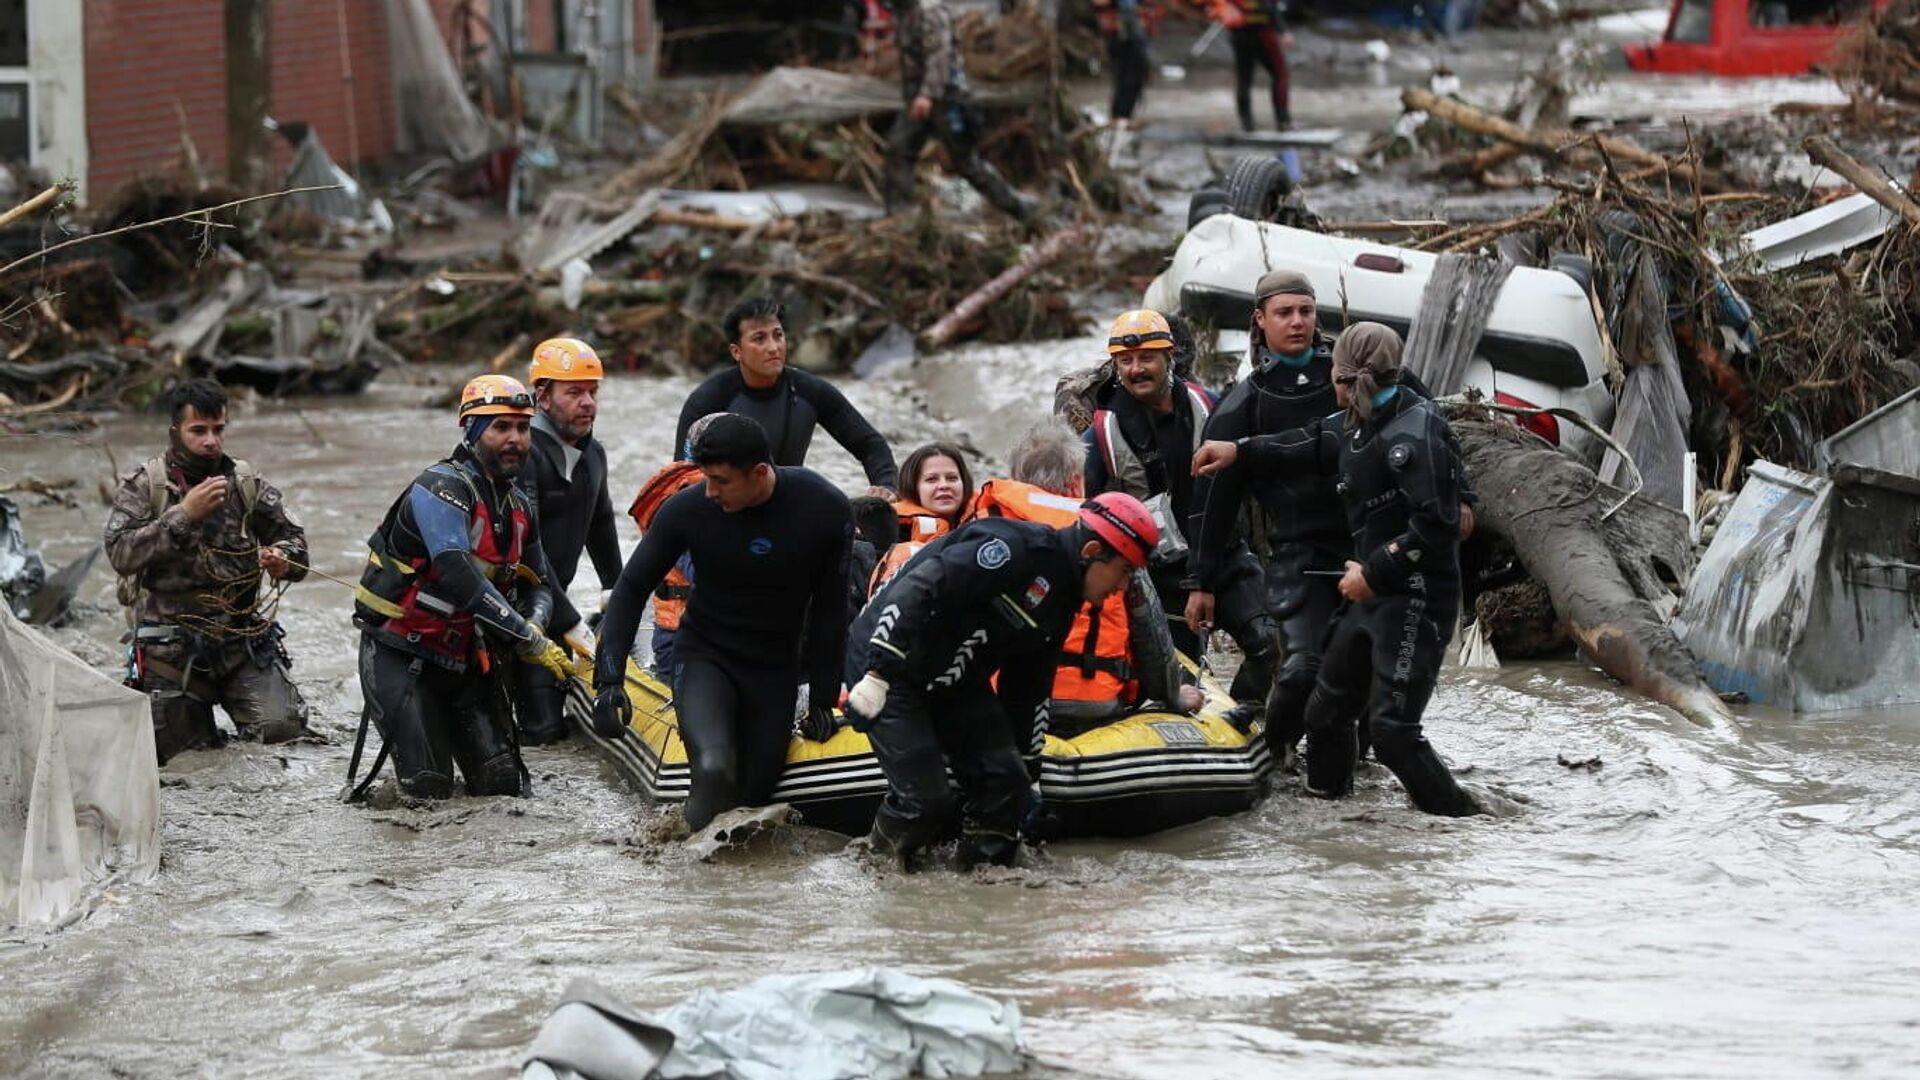 Inundaciones en Turquía - Sputnik Mundo, 1920, 14.08.2021